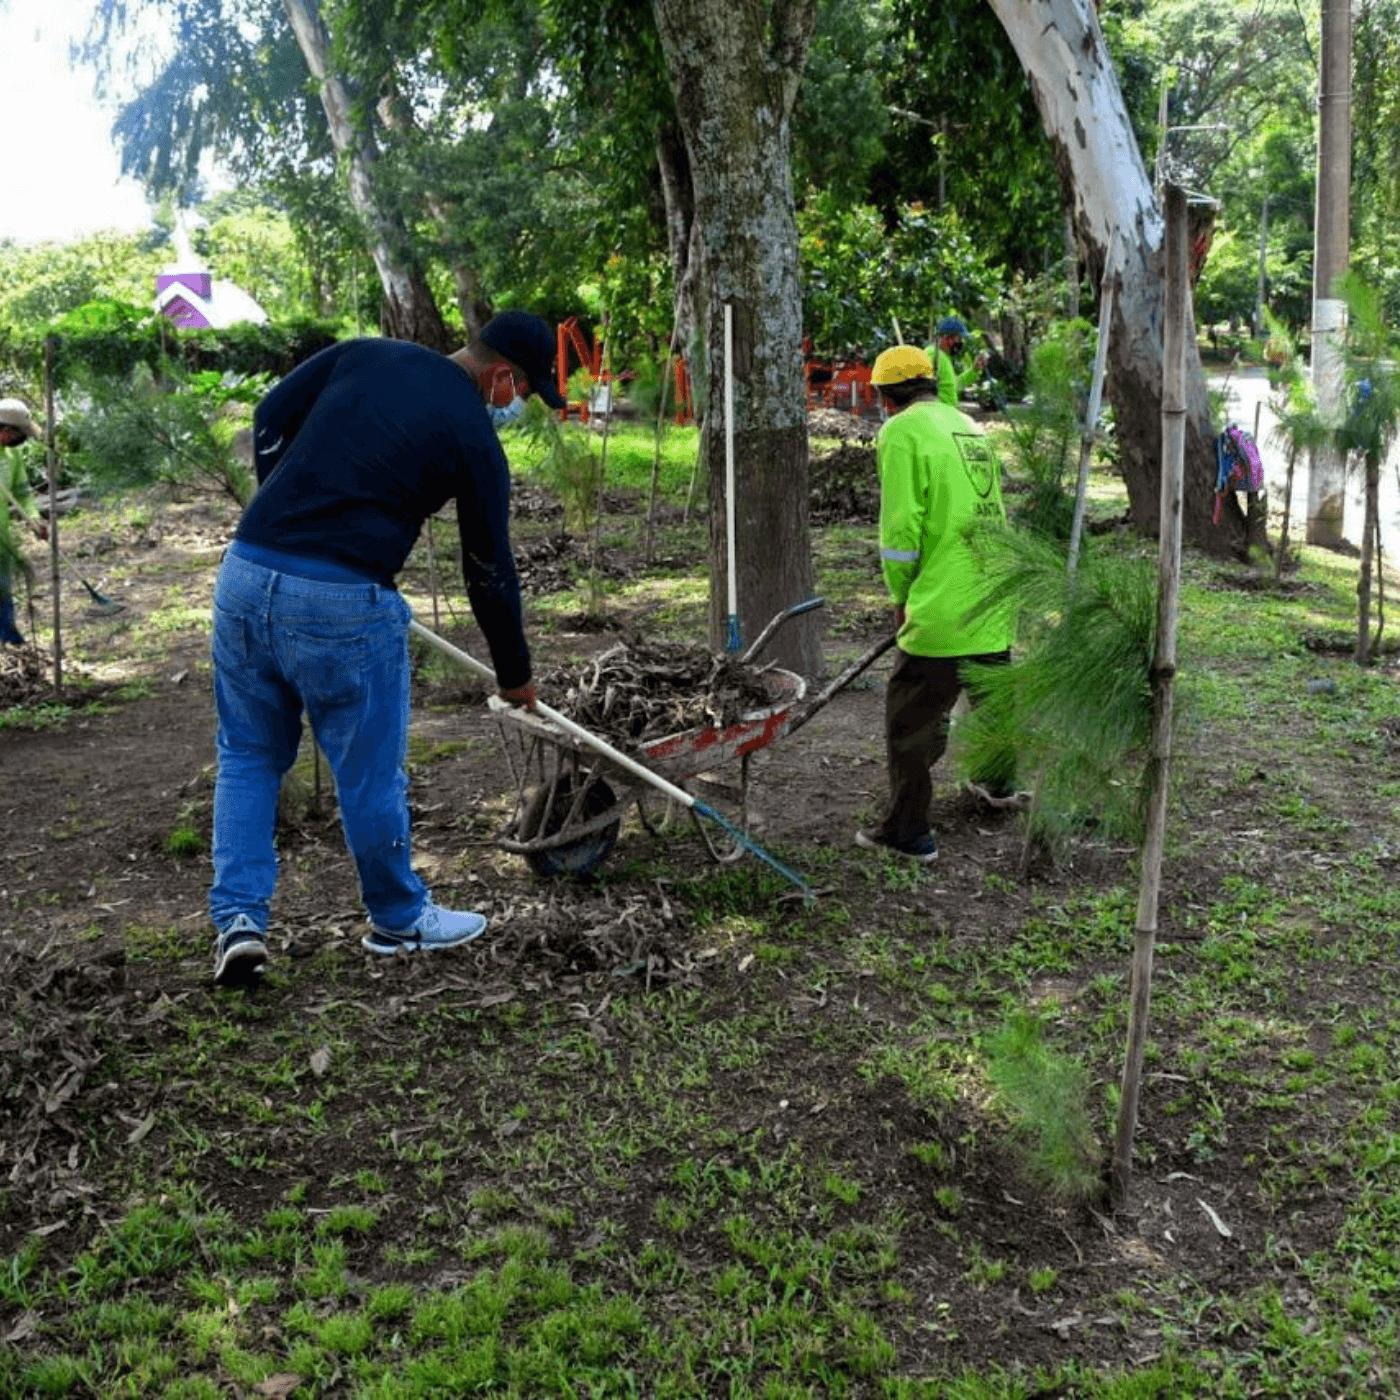 Los Espacios Verdes El Compromiso Con La Arborización. Limpieza. Fotografía. Roberto d'Aubuisson. 2021